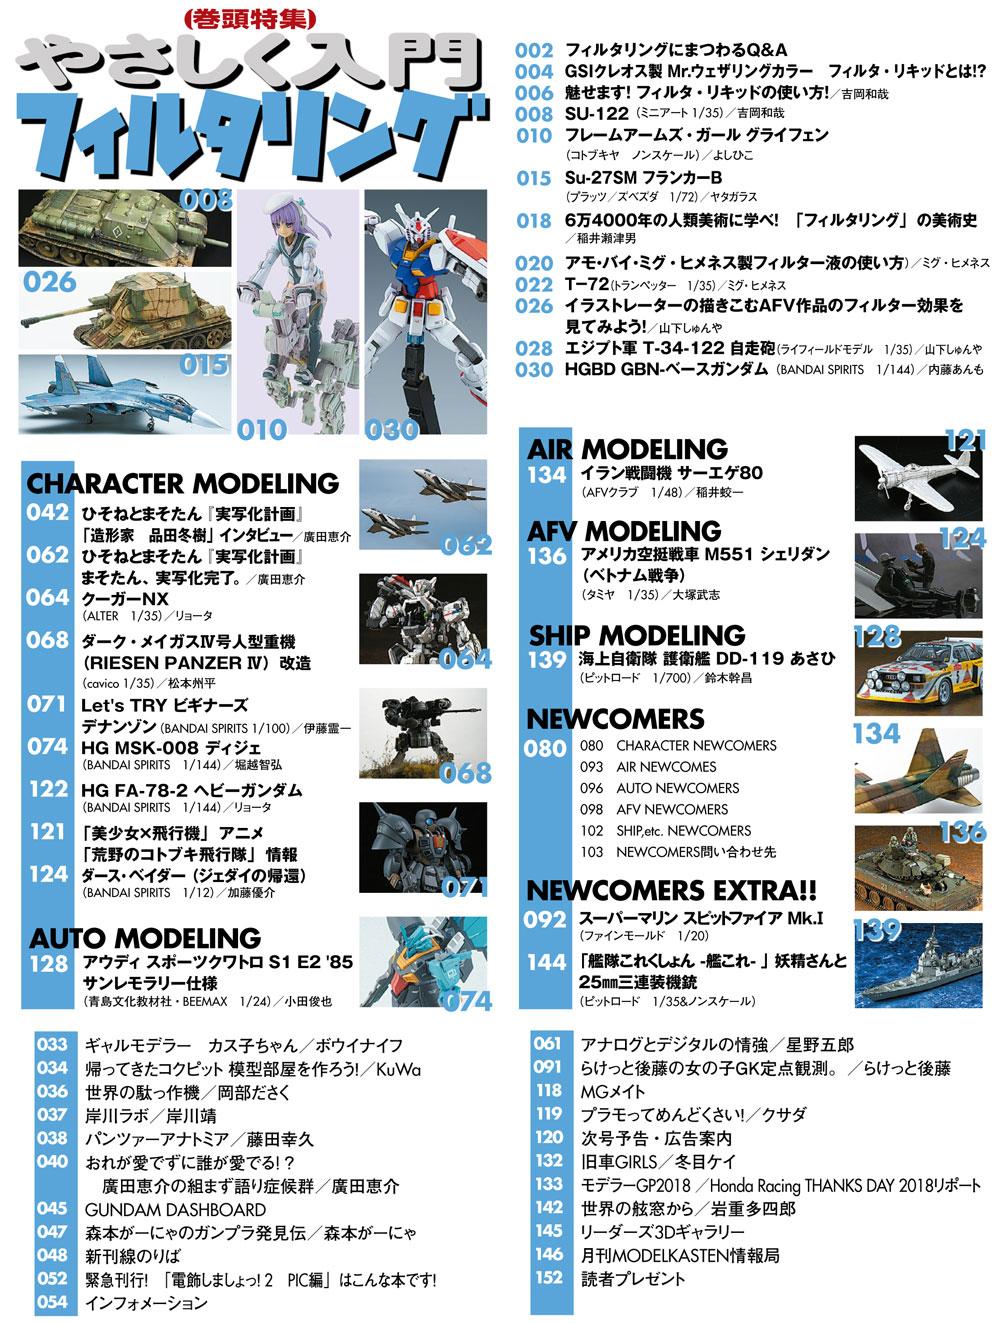 モデルグラフィックス 2019年2月号雑誌(大日本絵画月刊 モデルグラフィックスNo.411)商品画像_2